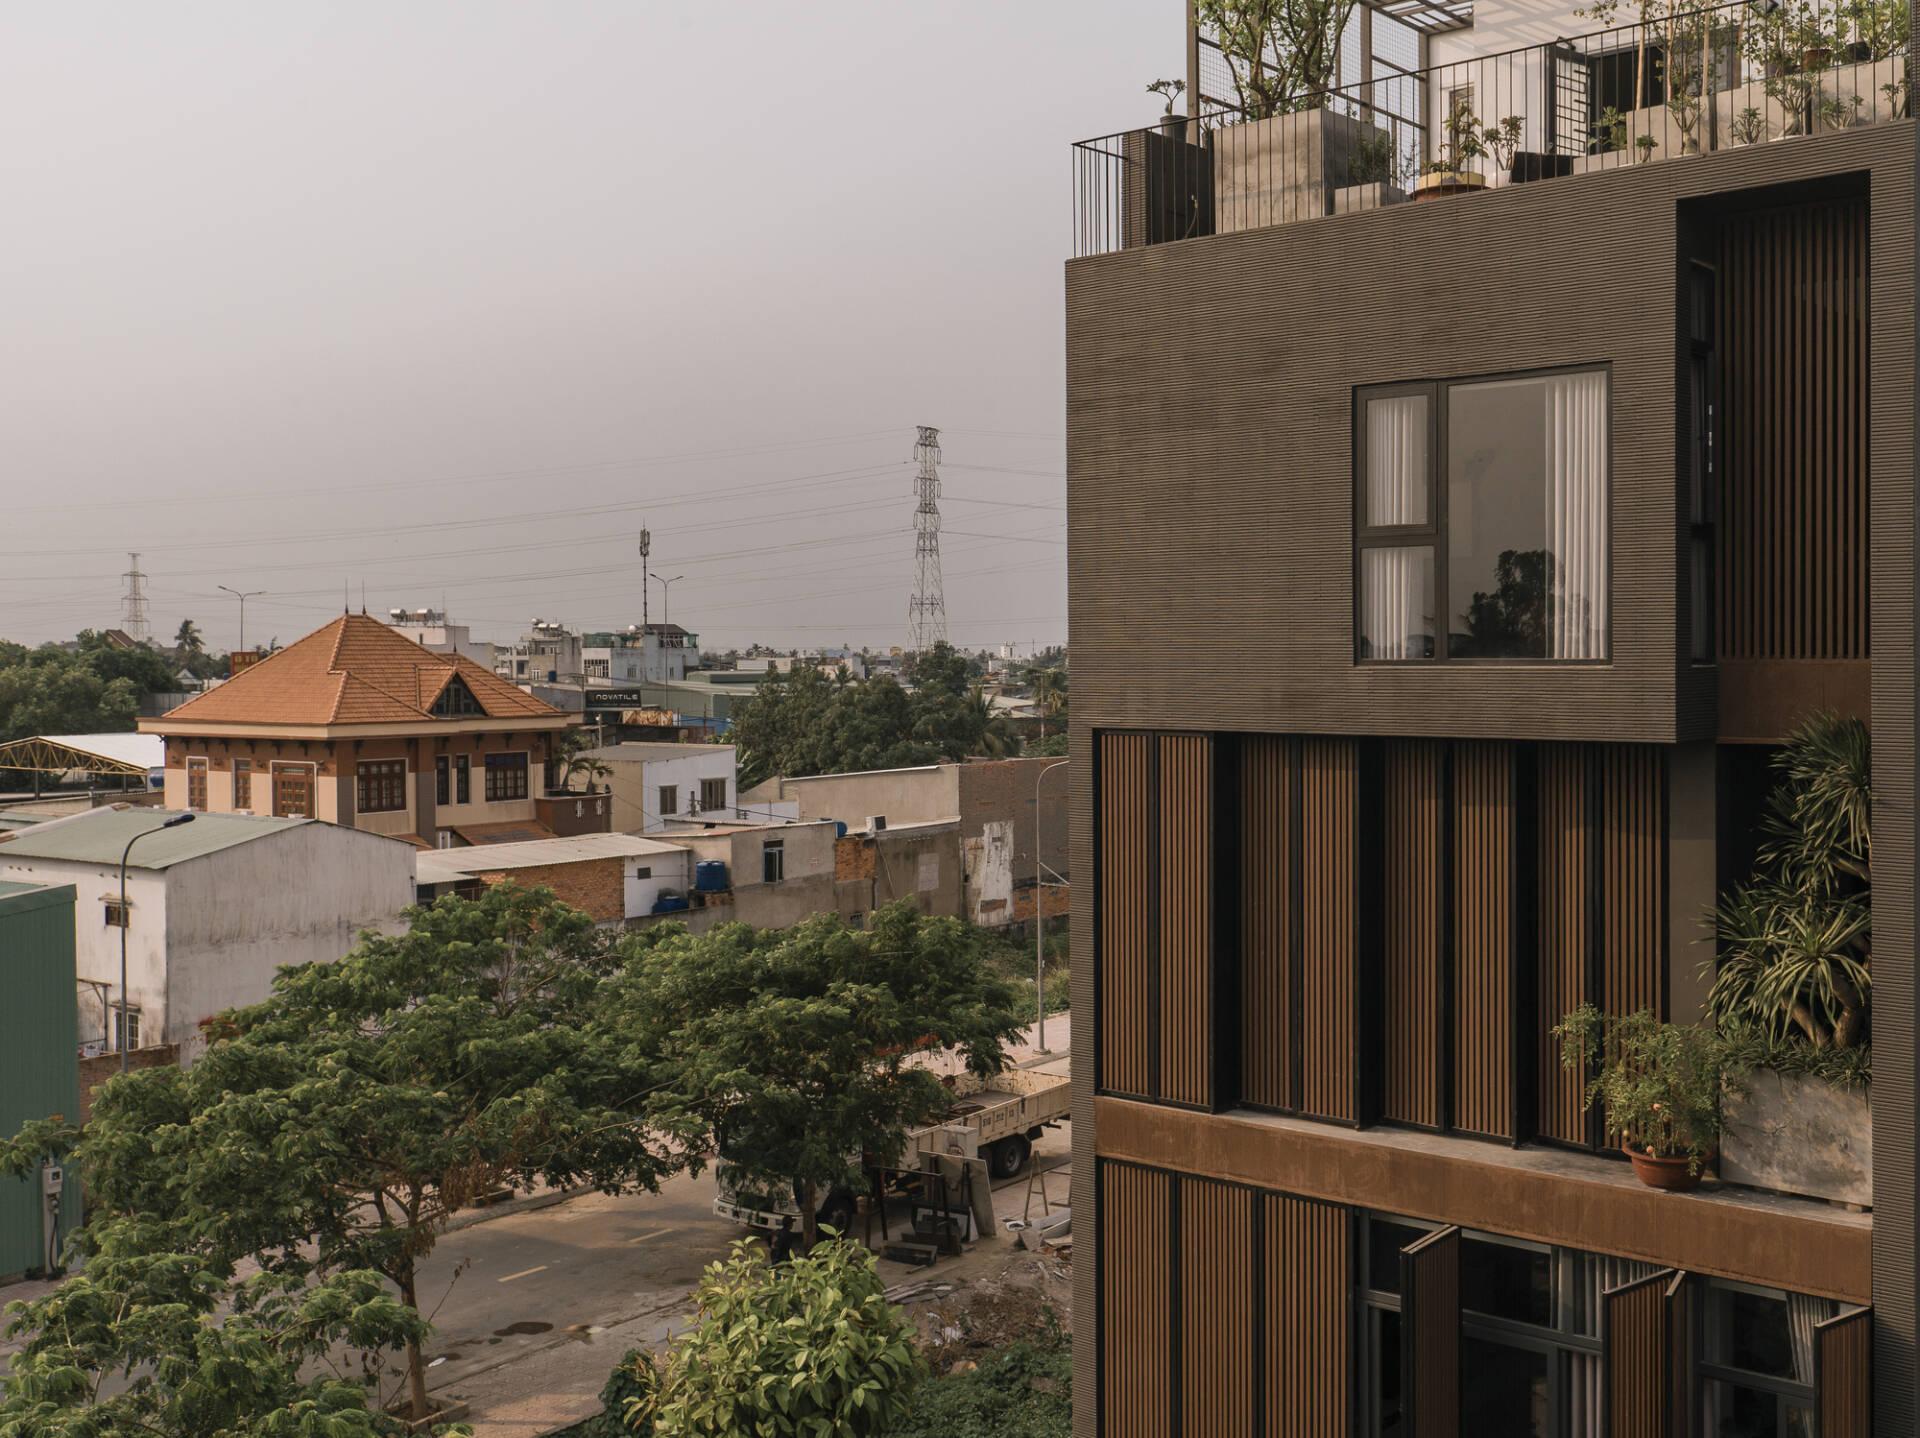 Mặt tiền kết hợp sử dụng cây xanh để giảm nhiệt và tăng vẻ thẩm mỹ cho căn nhà